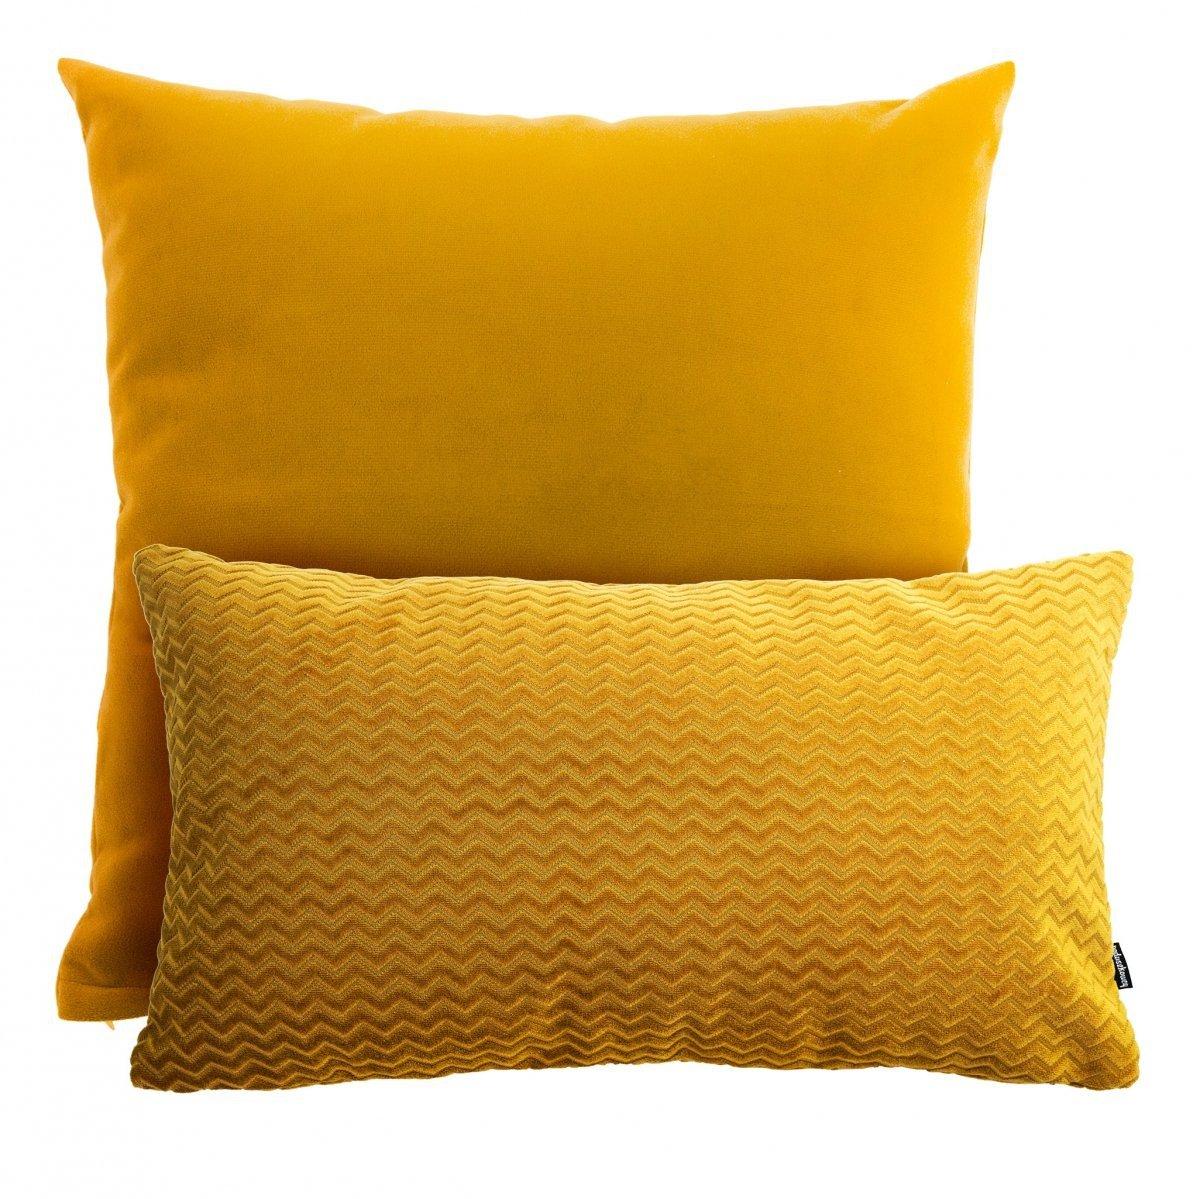 Miodowy zestaw poduszek dekoracyjnych Pram + Chevron